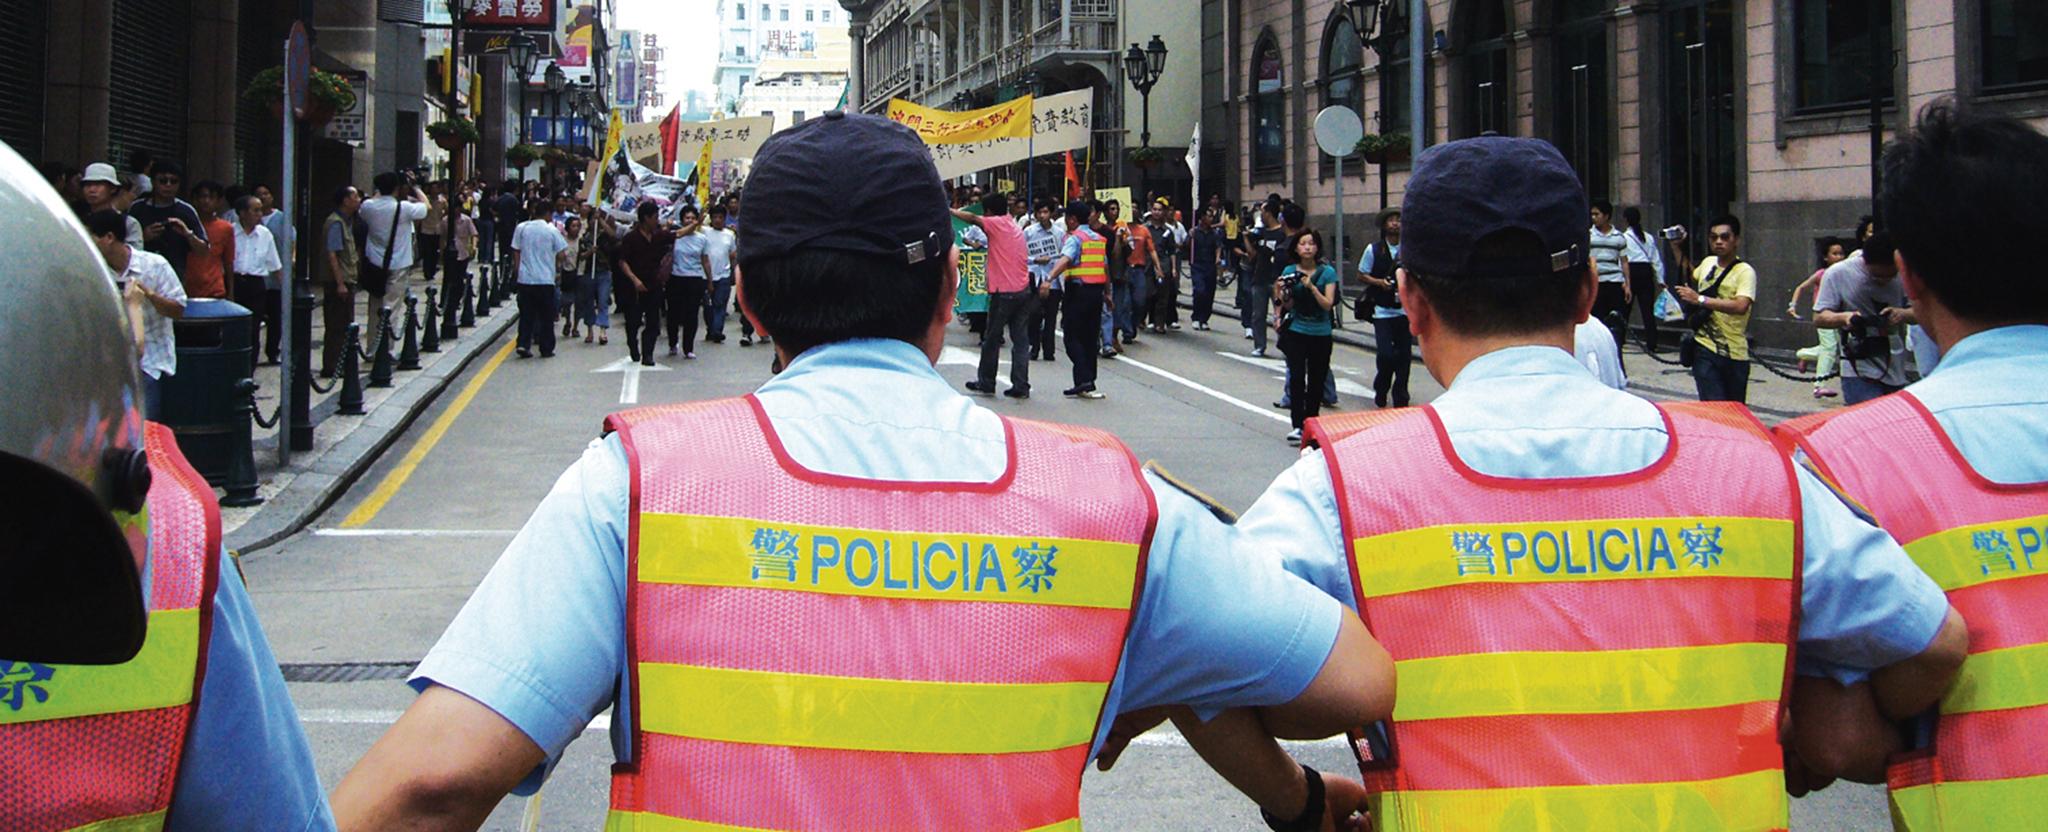 LAG 2017 | Falta de recursos humanos nas Forças de Segurança preocupa Governo